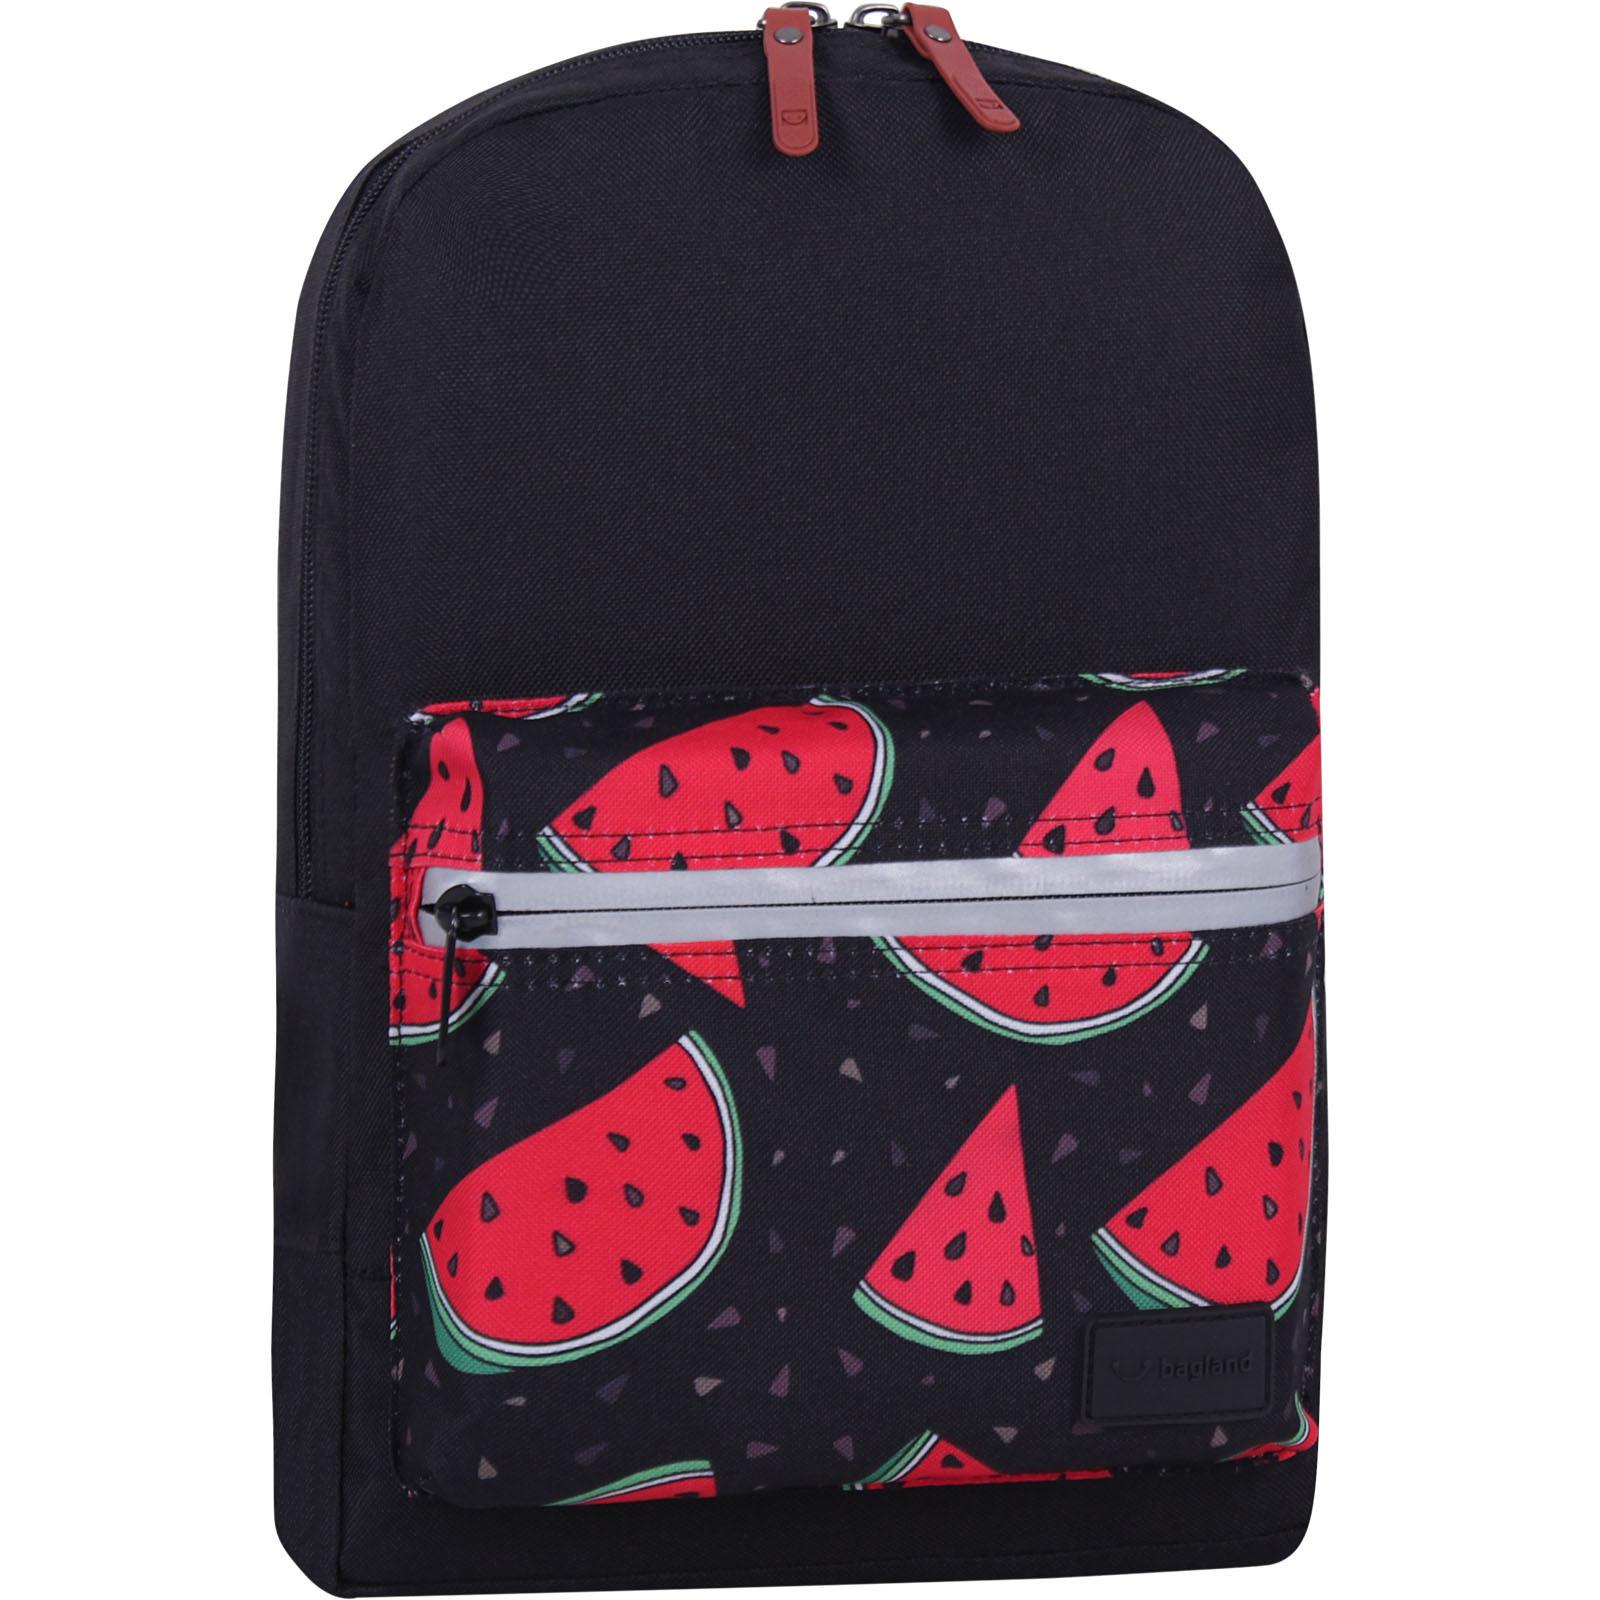 Молодежные рюкзаки Рюкзак Bagland Молодежный mini 8 л. черный 768 (0050866) IMG_7724_суб768_-1600.jpg